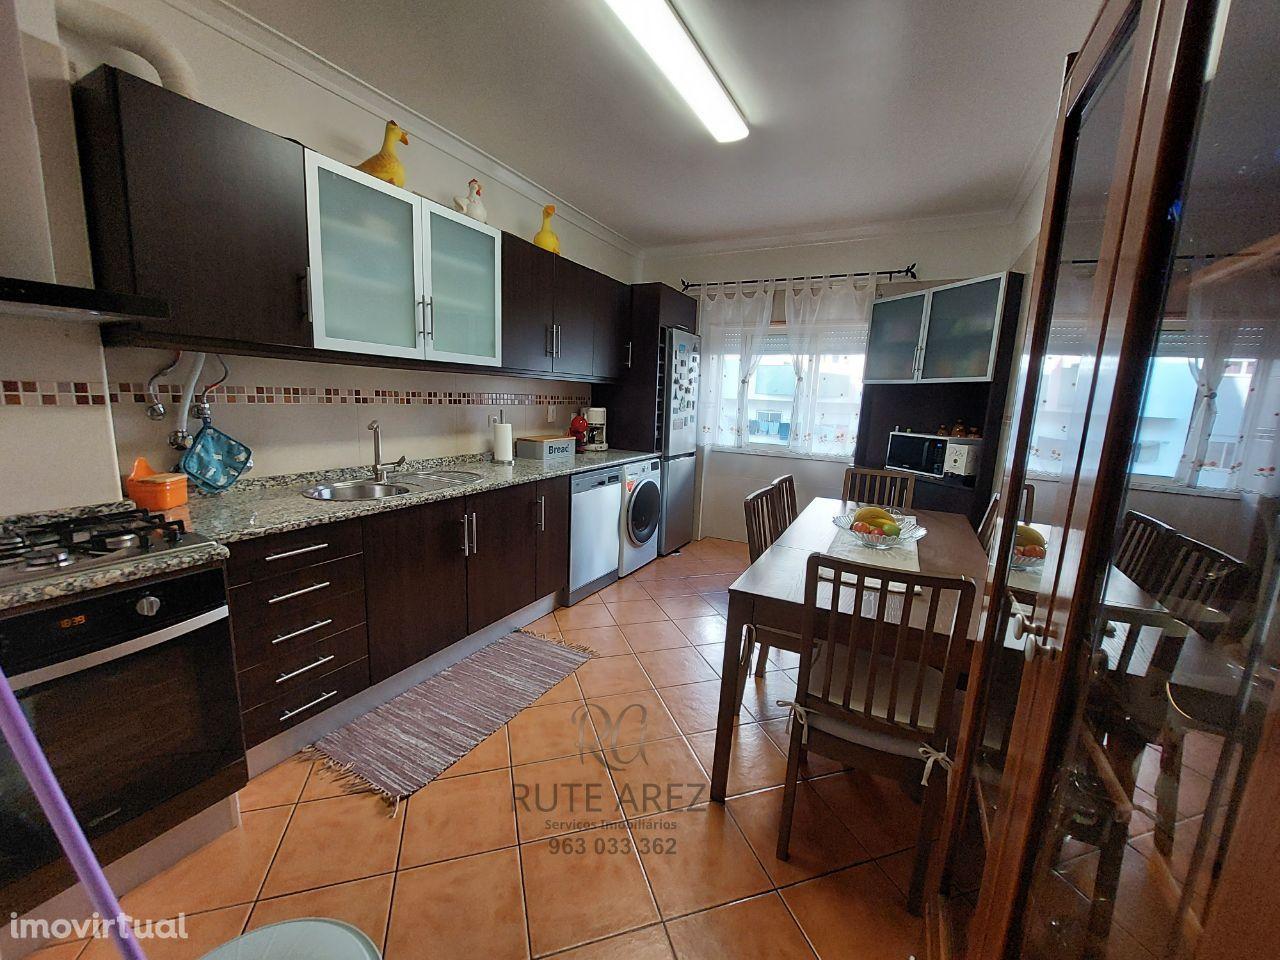 Apartamento T2 à venda na rua João de Deus - Pinhal Novo